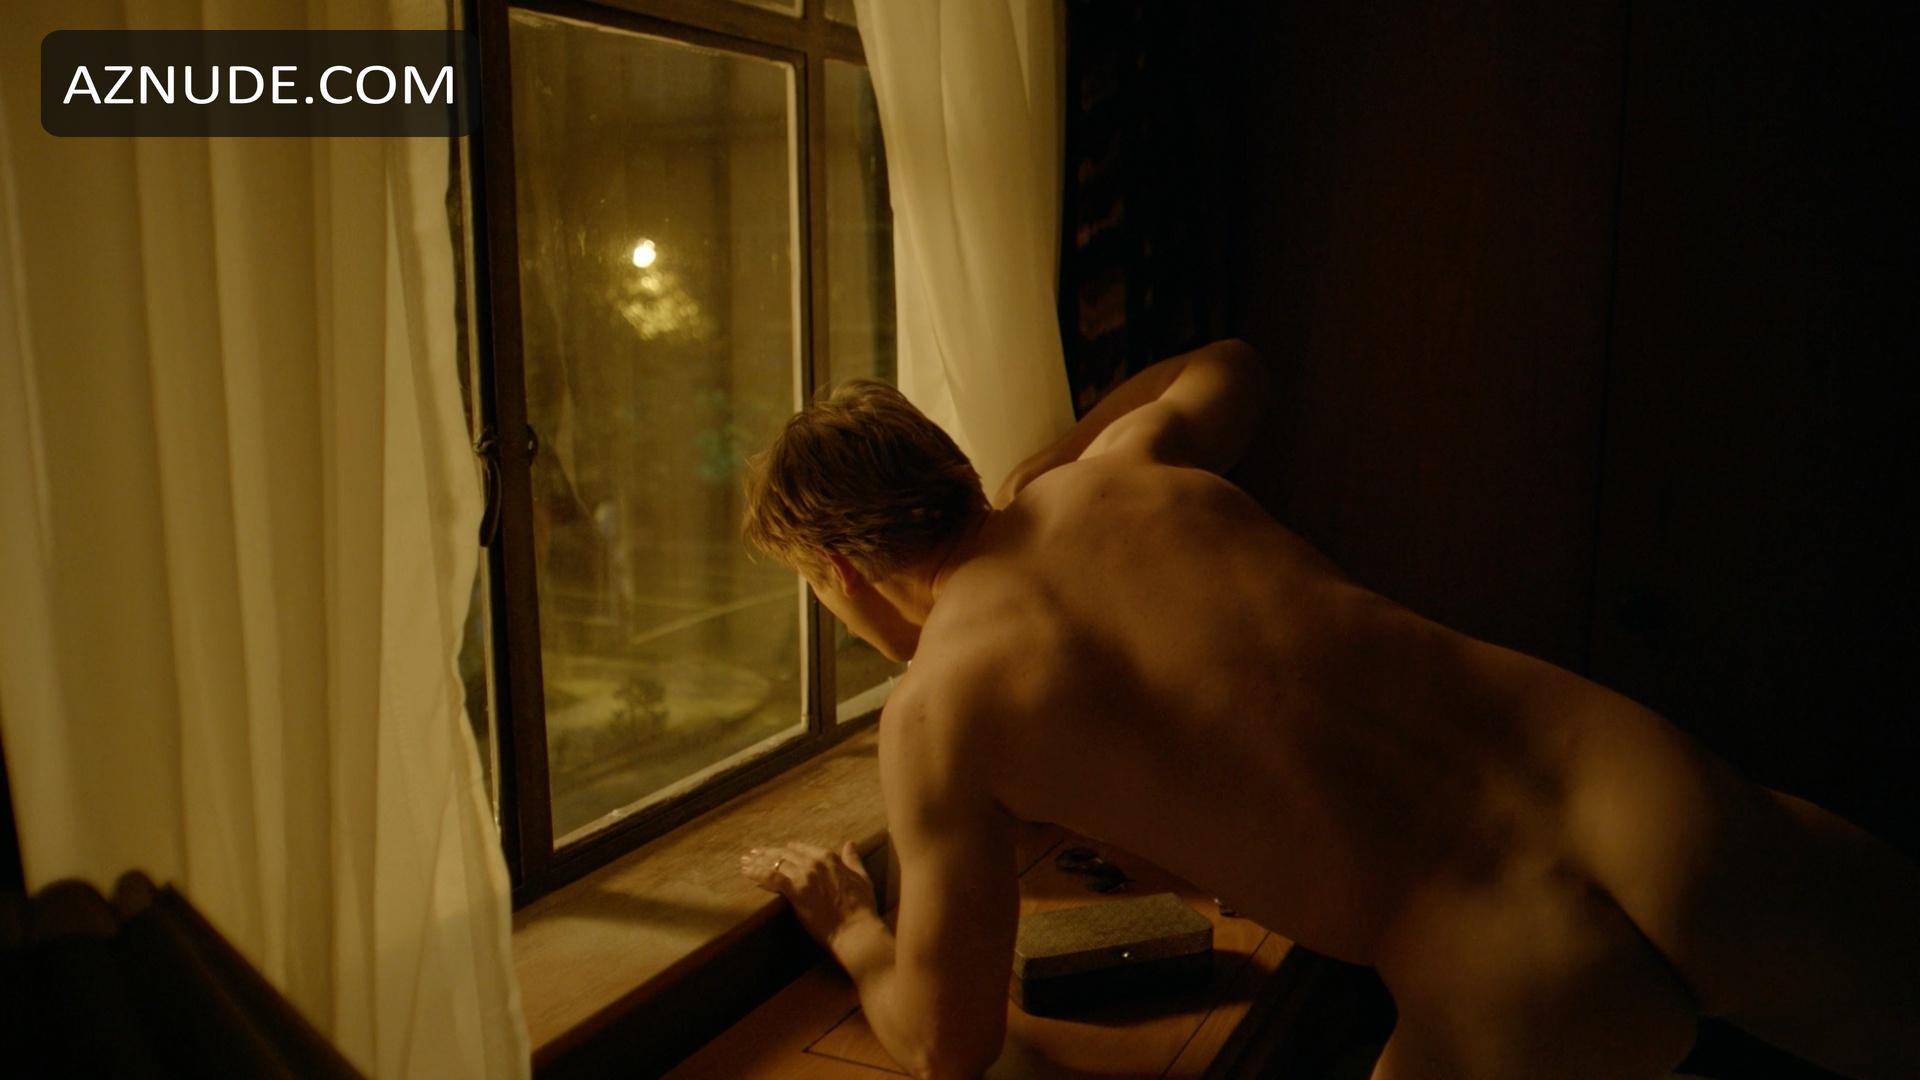 Lela loren sex scene power s01e05 reduced music - 3 part 8